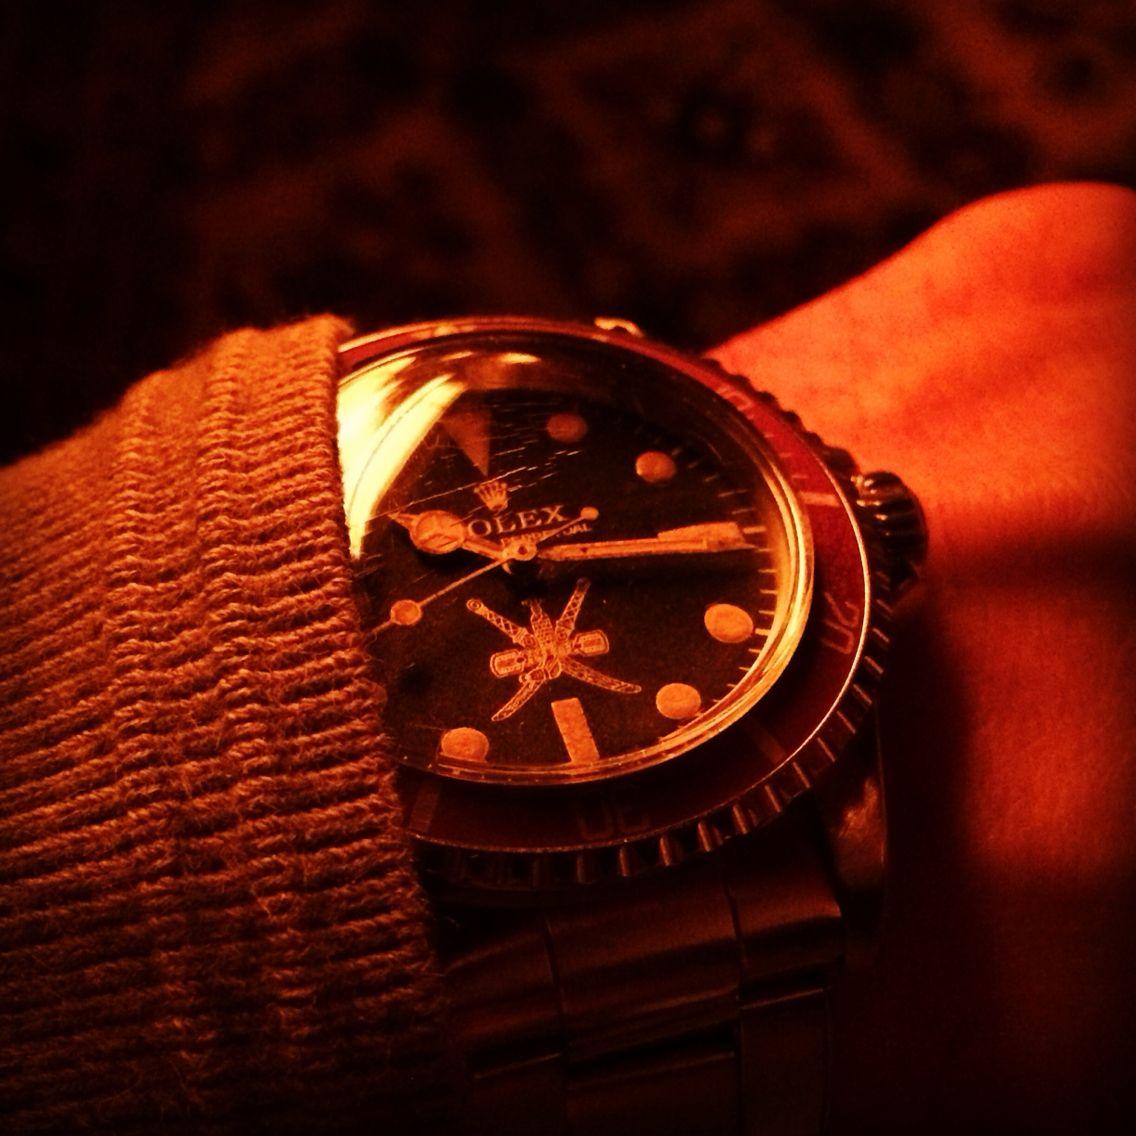 Wrist watch price in oman - Rolex 5513 Oman Rolex 5513 Oman Khanjar Submariner In 1967 Retailed By Asprey